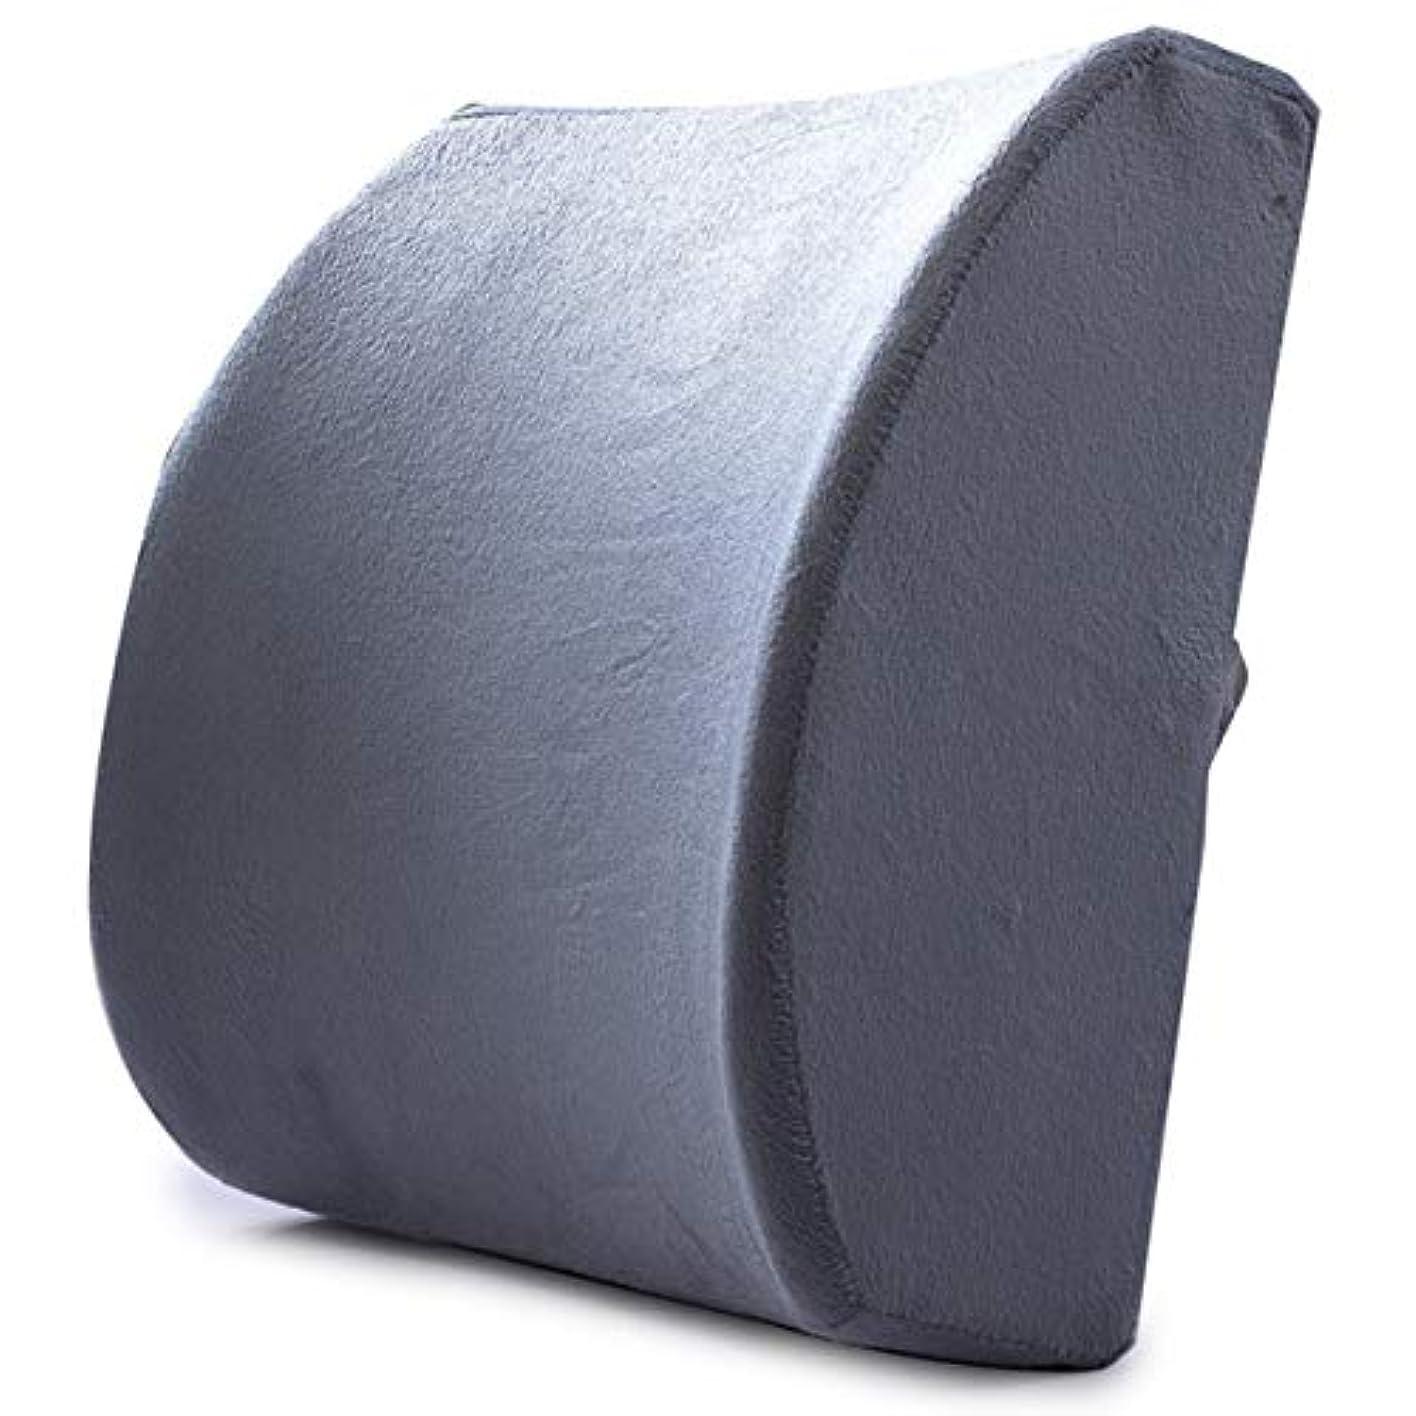 そのような農学アラームMemory Foam Lumbar Support Waist Cushion Pillow For Chairs in the Car Seat Pillows Home Office Relieve Pain